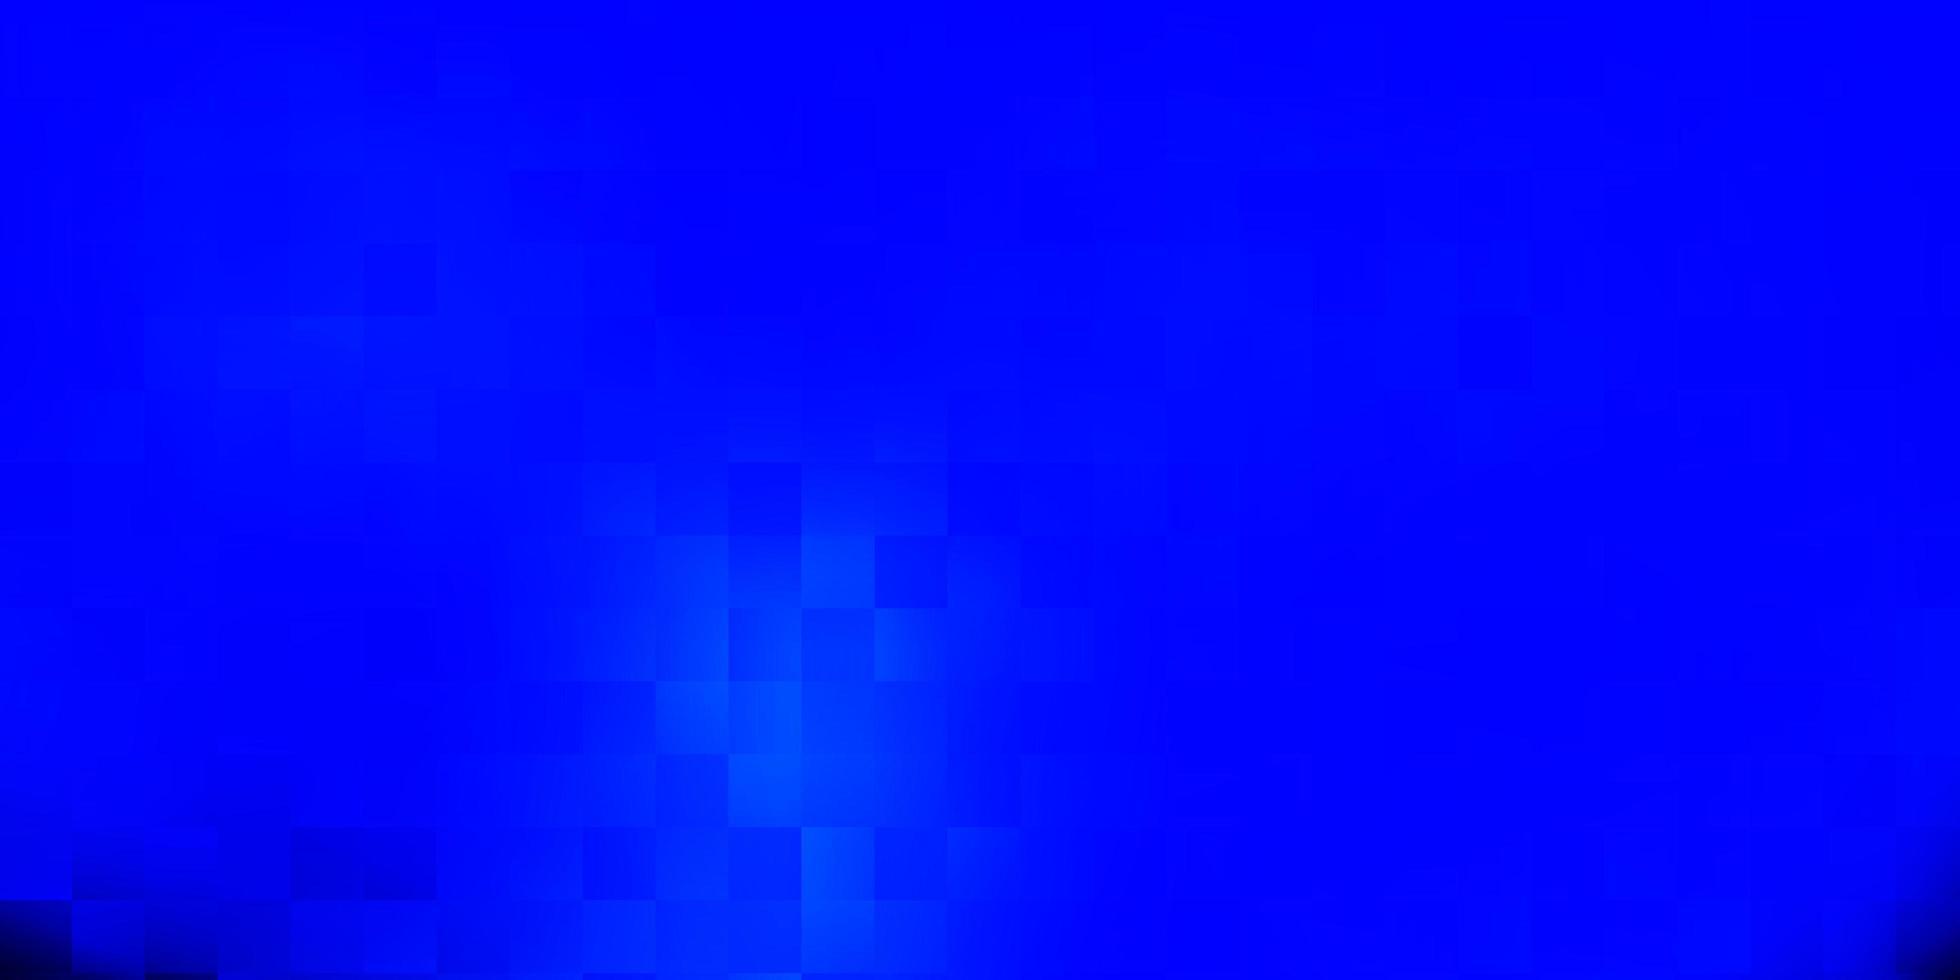 modèle vectoriel bleu clair avec des formes abstraites.